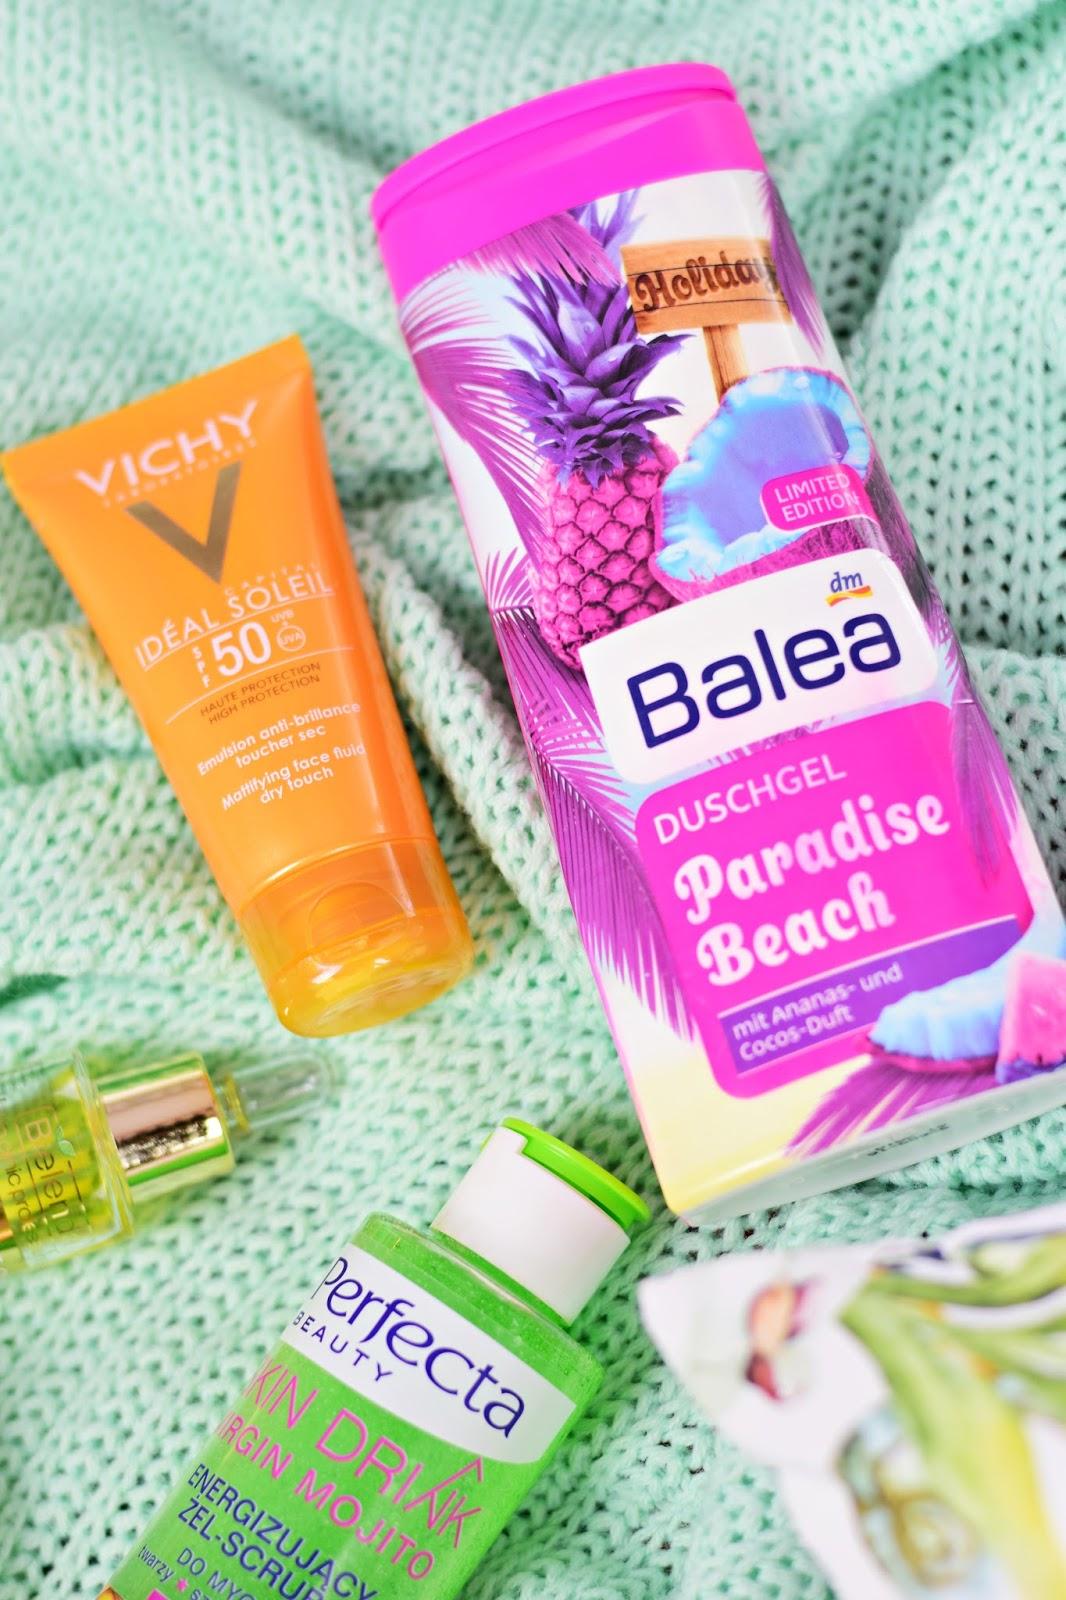 vichy_spf50_balea_żel_paradise_beach